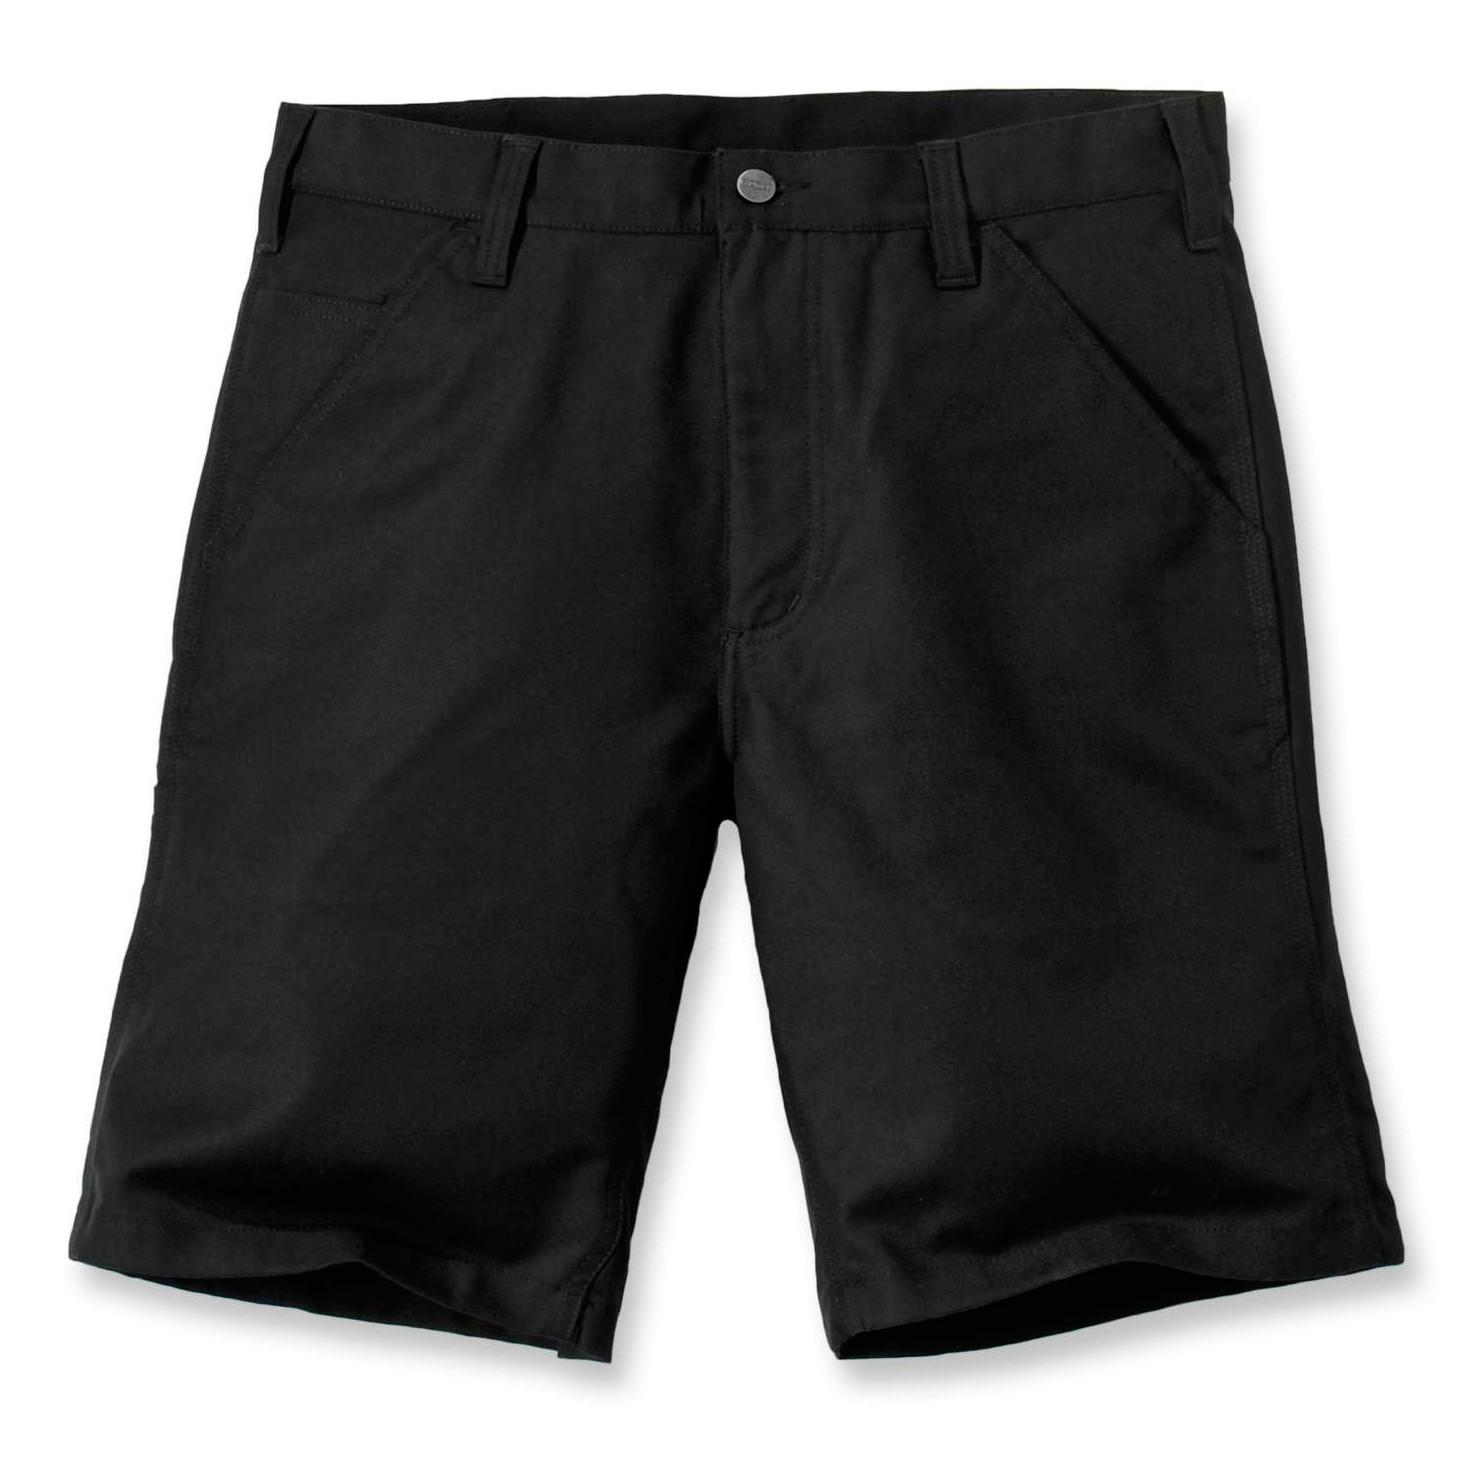 Шорты Carhartt Rugged Stretch Canvas Short - 103111 (Black, W34)